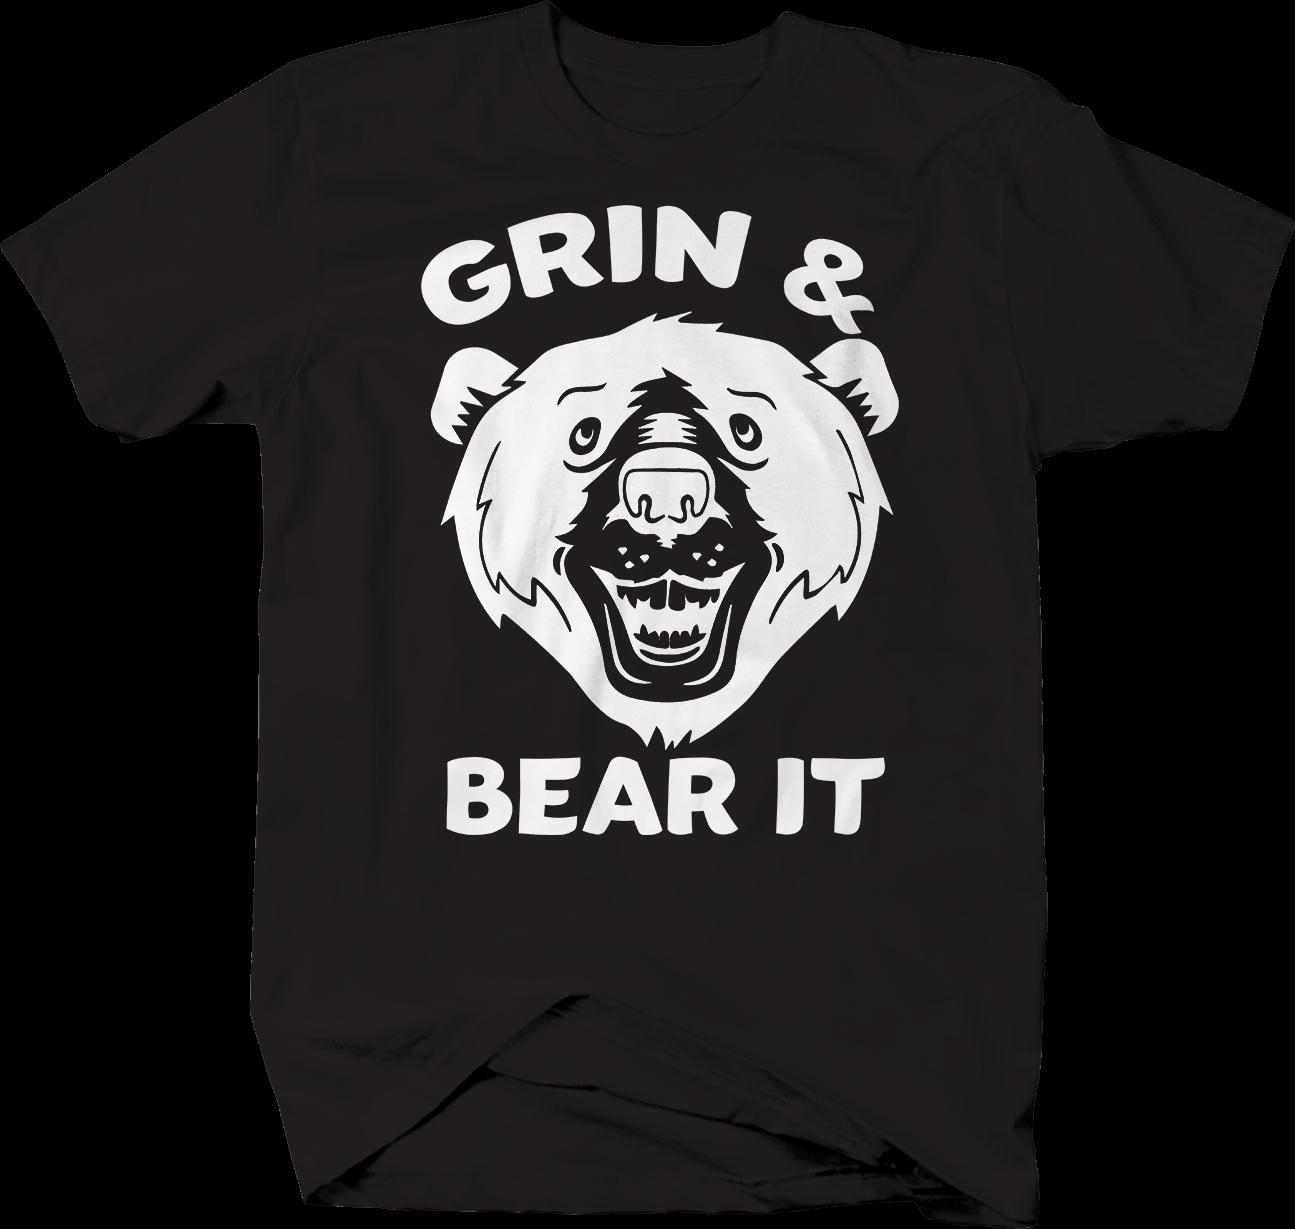 super popular 4cc29 4c362 Grinsen und Bär es Funny T-Shirt Jacke Kroatien Leder T-Shirt